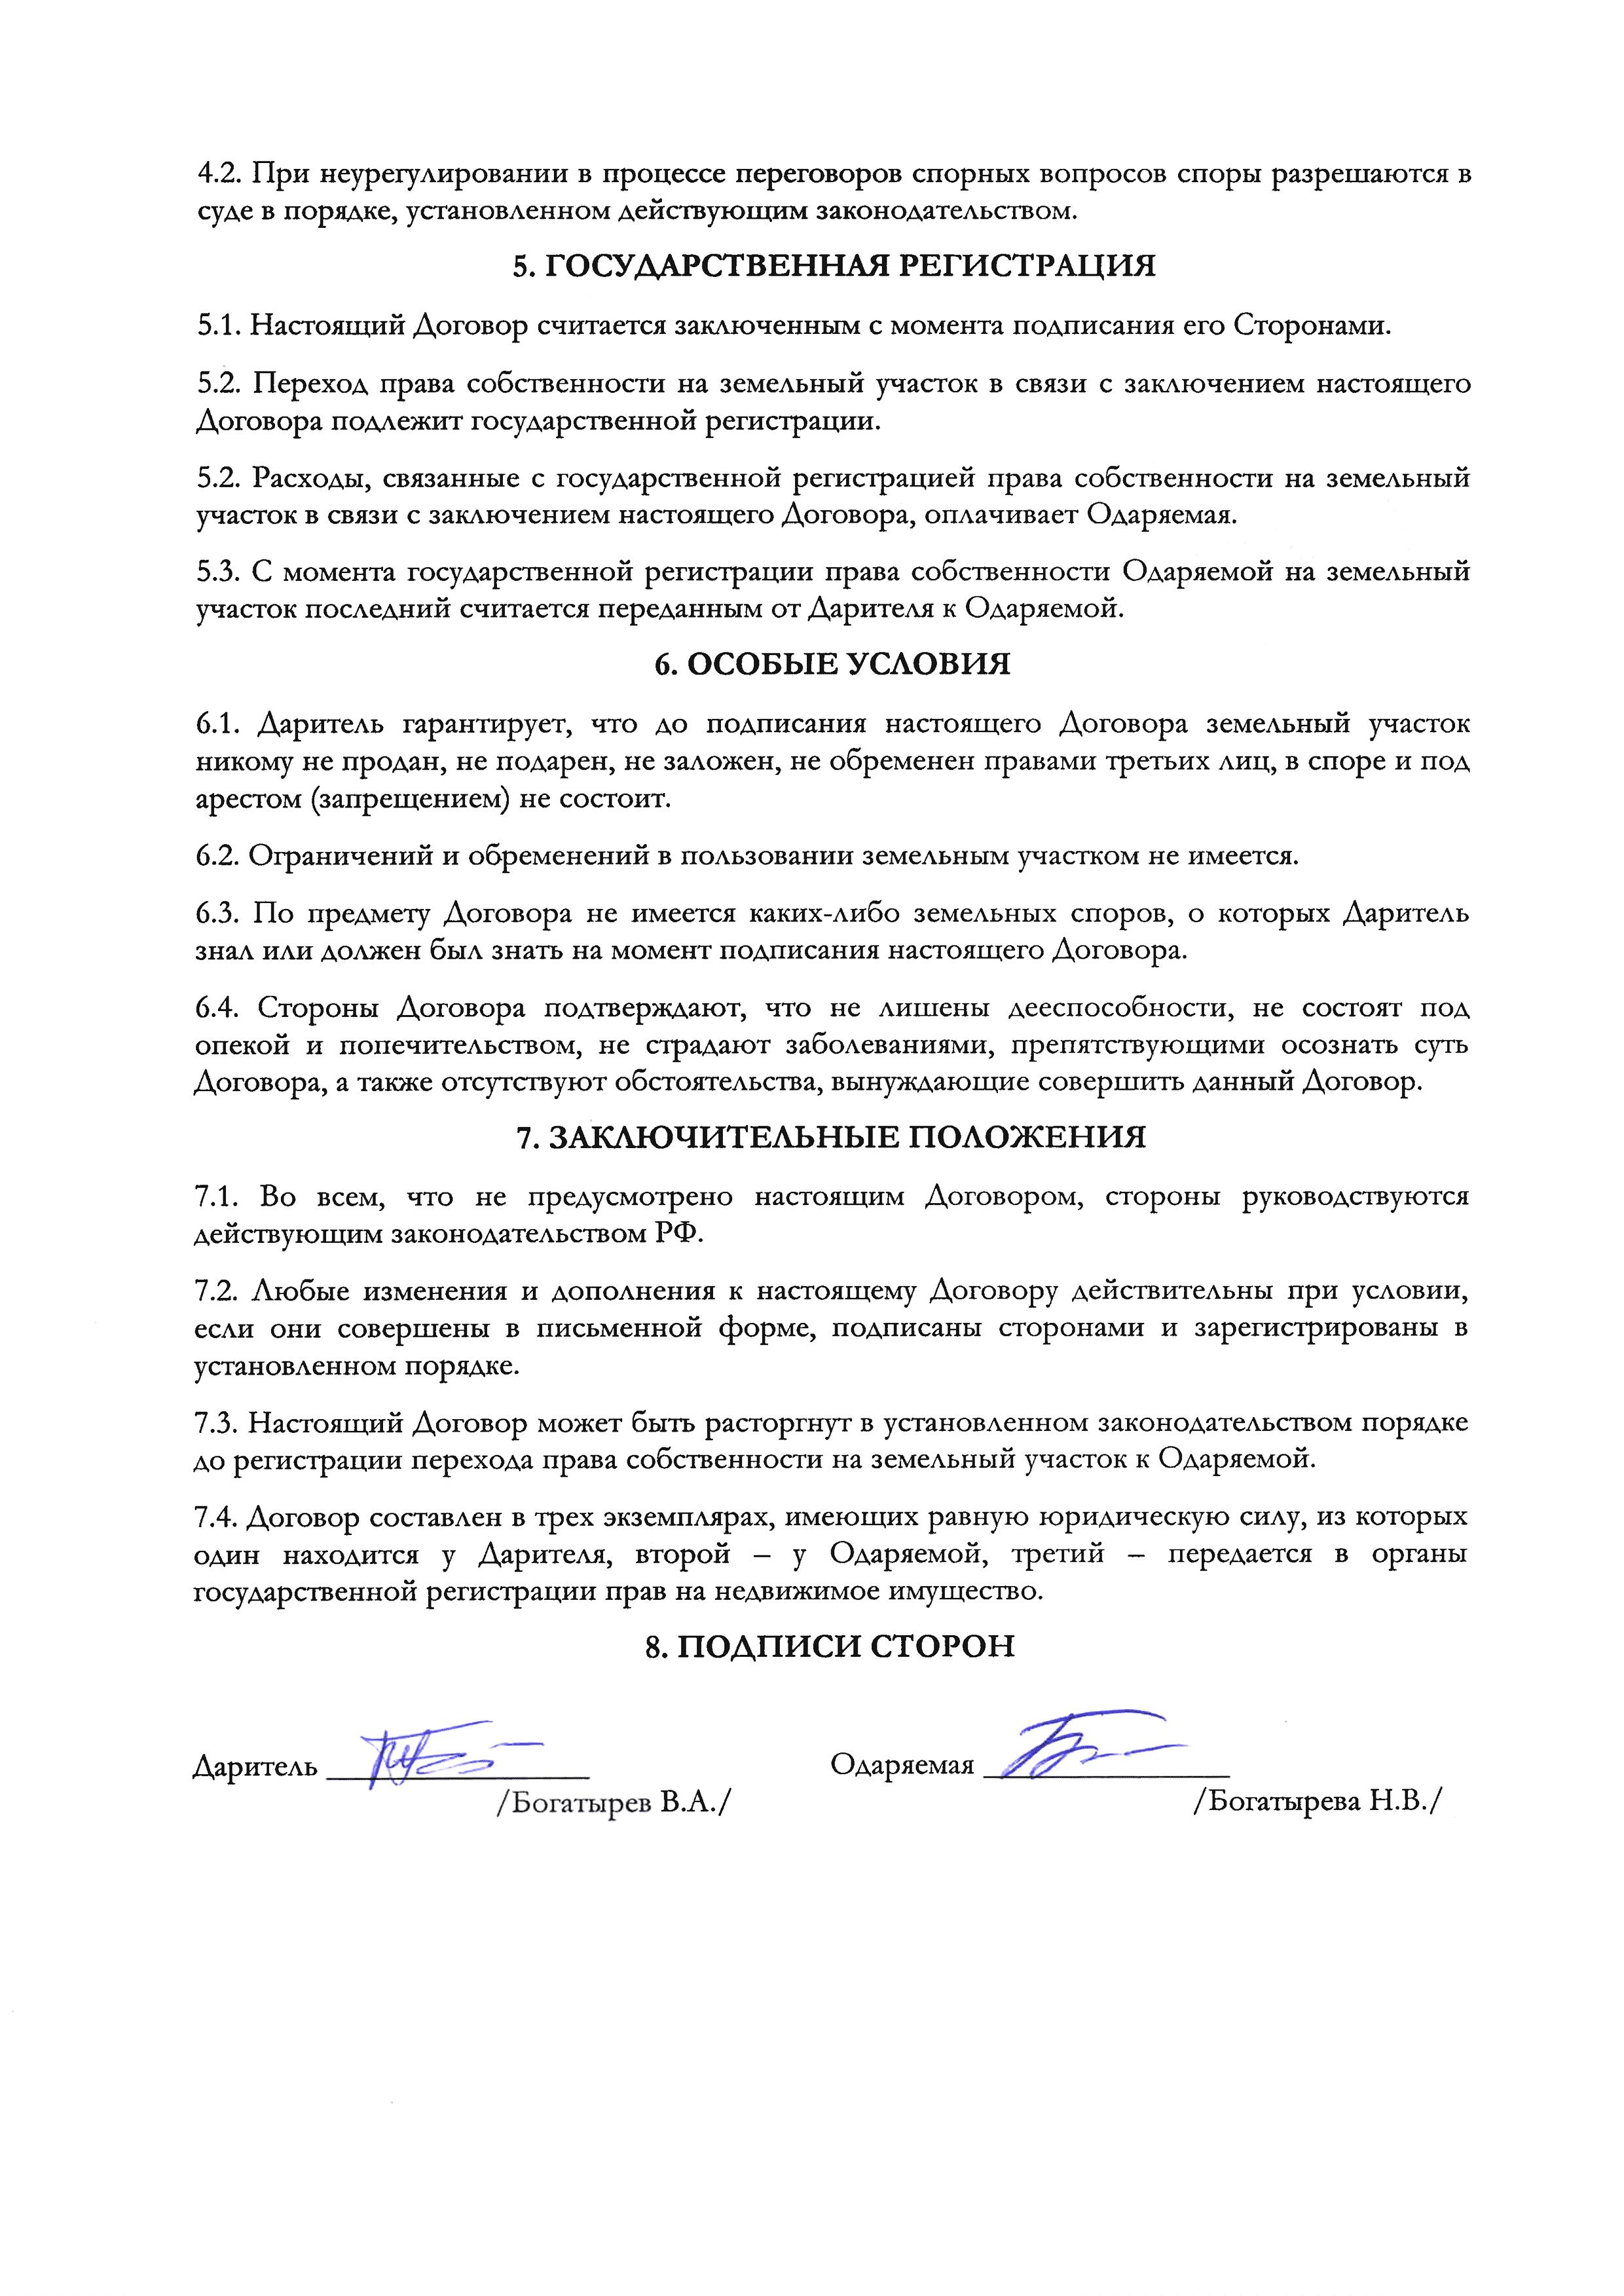 Поставить подпись в договоре должны обе стороны: и даритель, и одаряемый